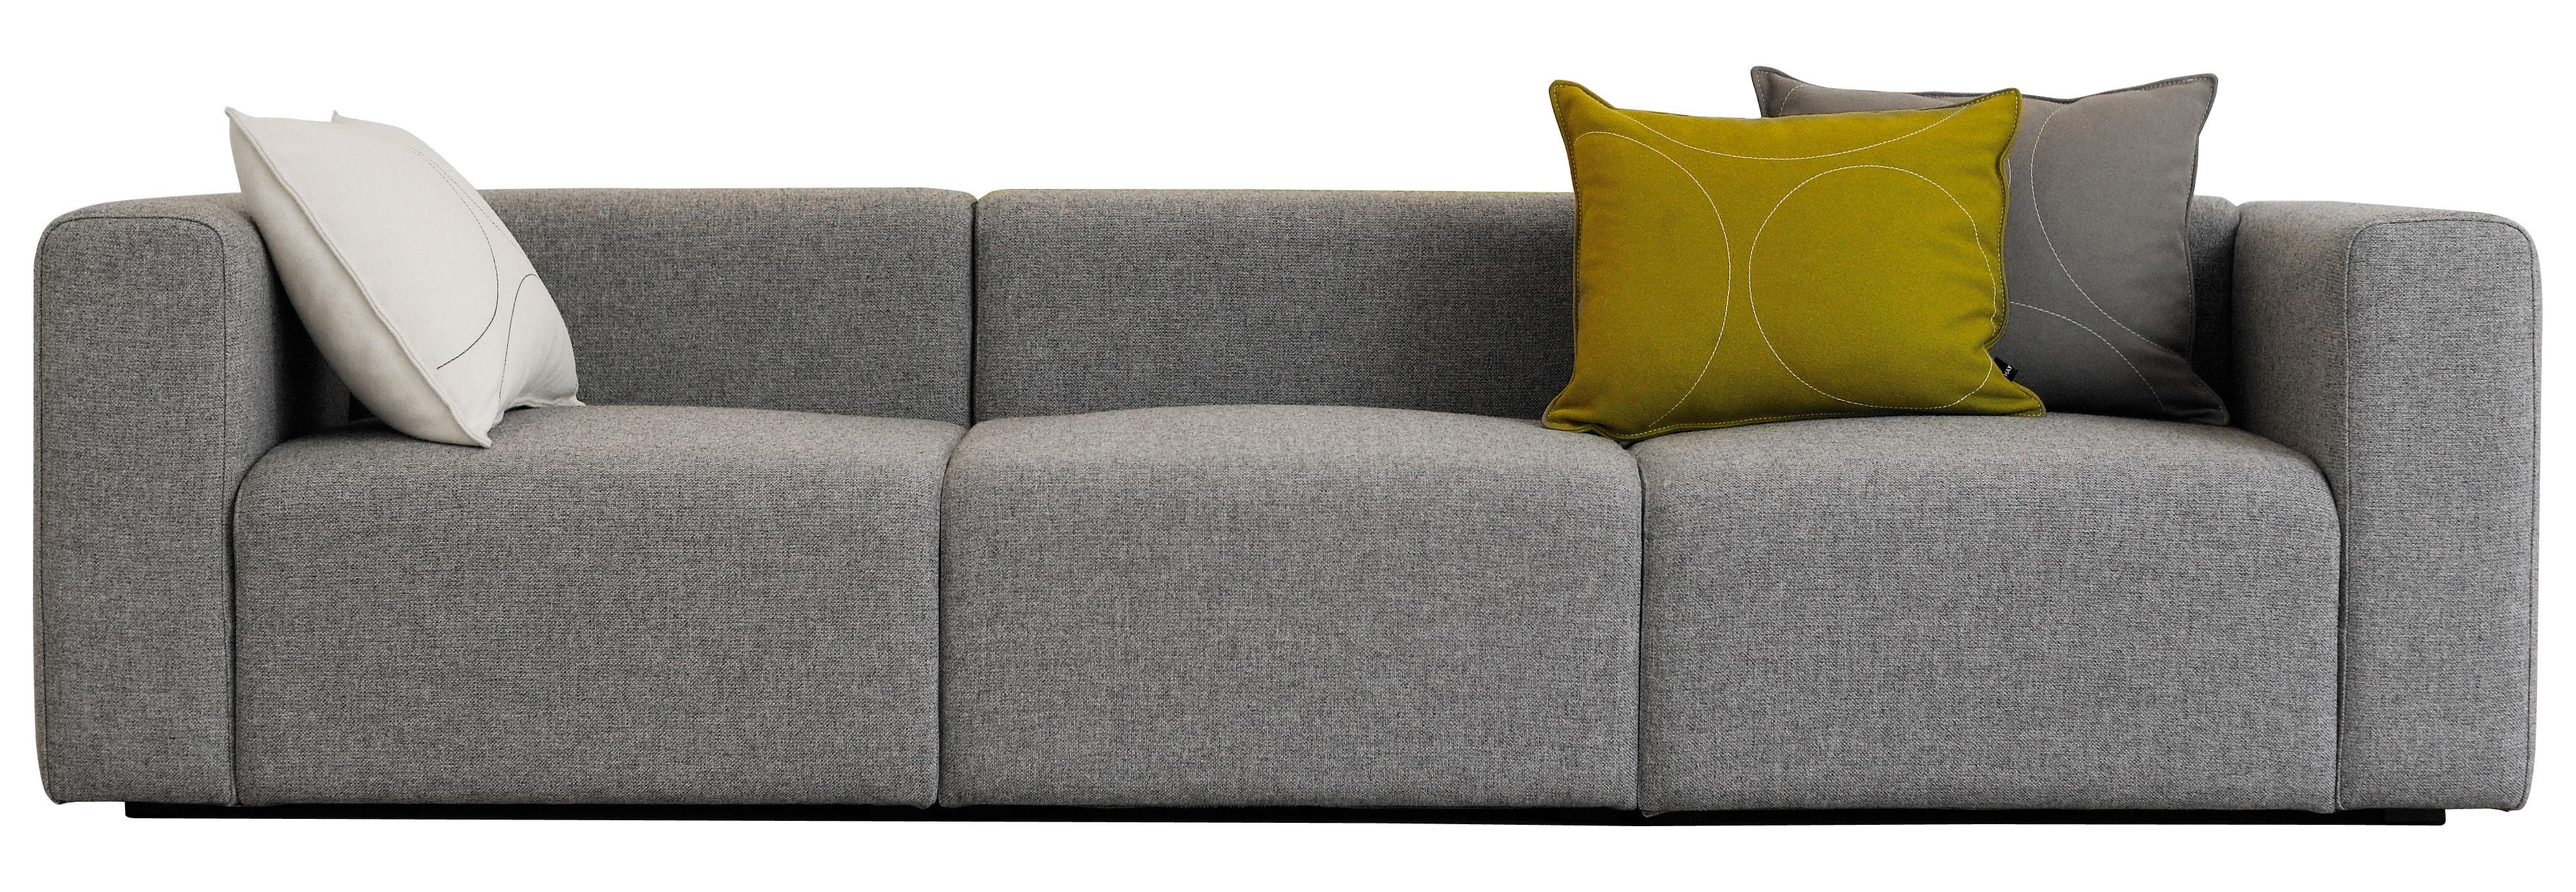 canap droit mags 3 places l 266 cm tissu hallingdal gris clair hay. Black Bedroom Furniture Sets. Home Design Ideas